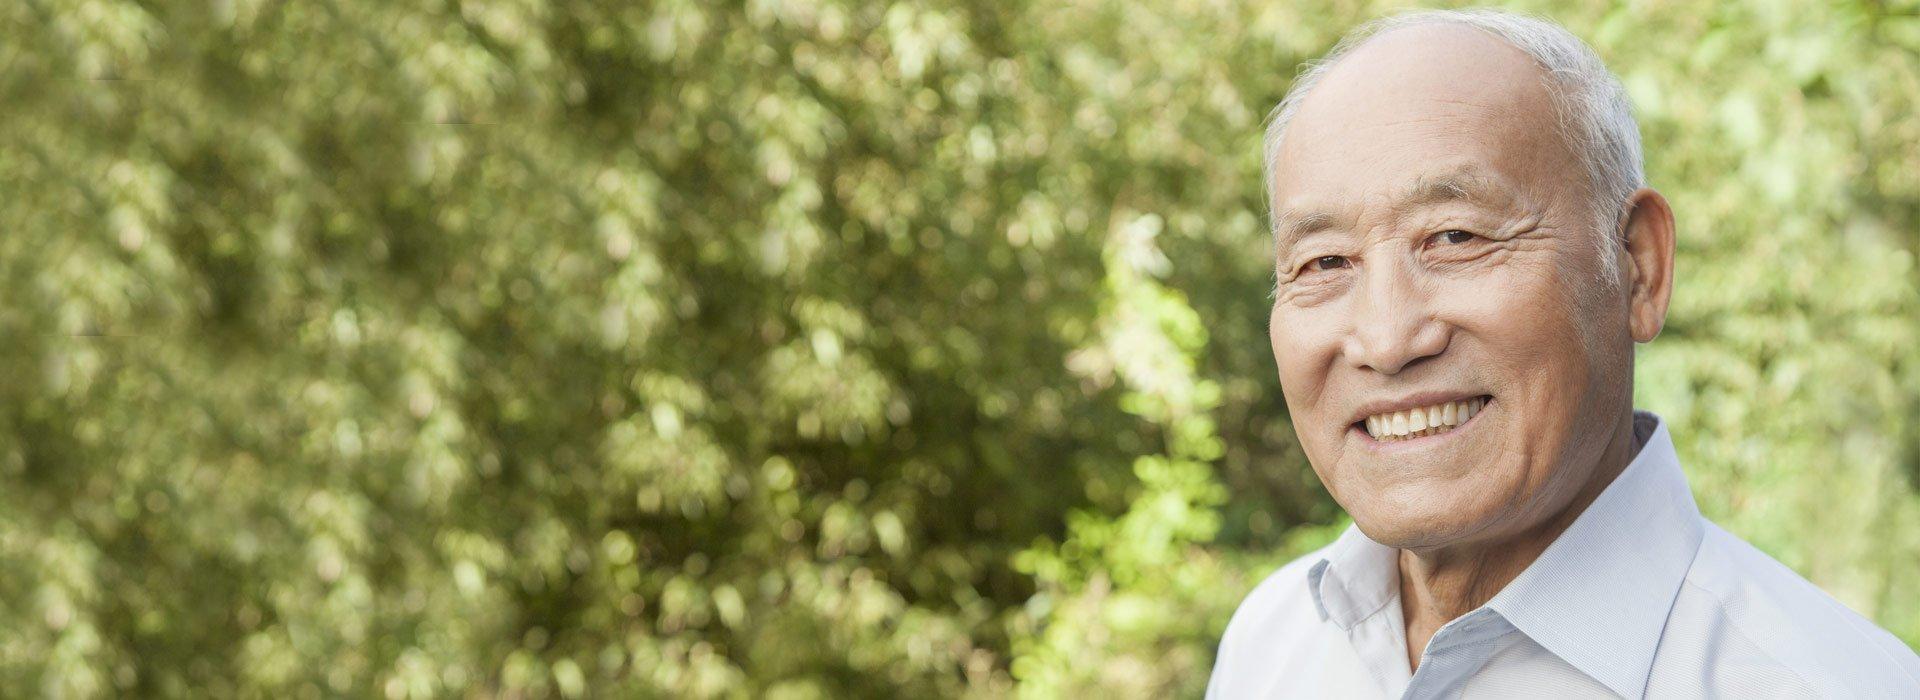 Older Asian man smiling